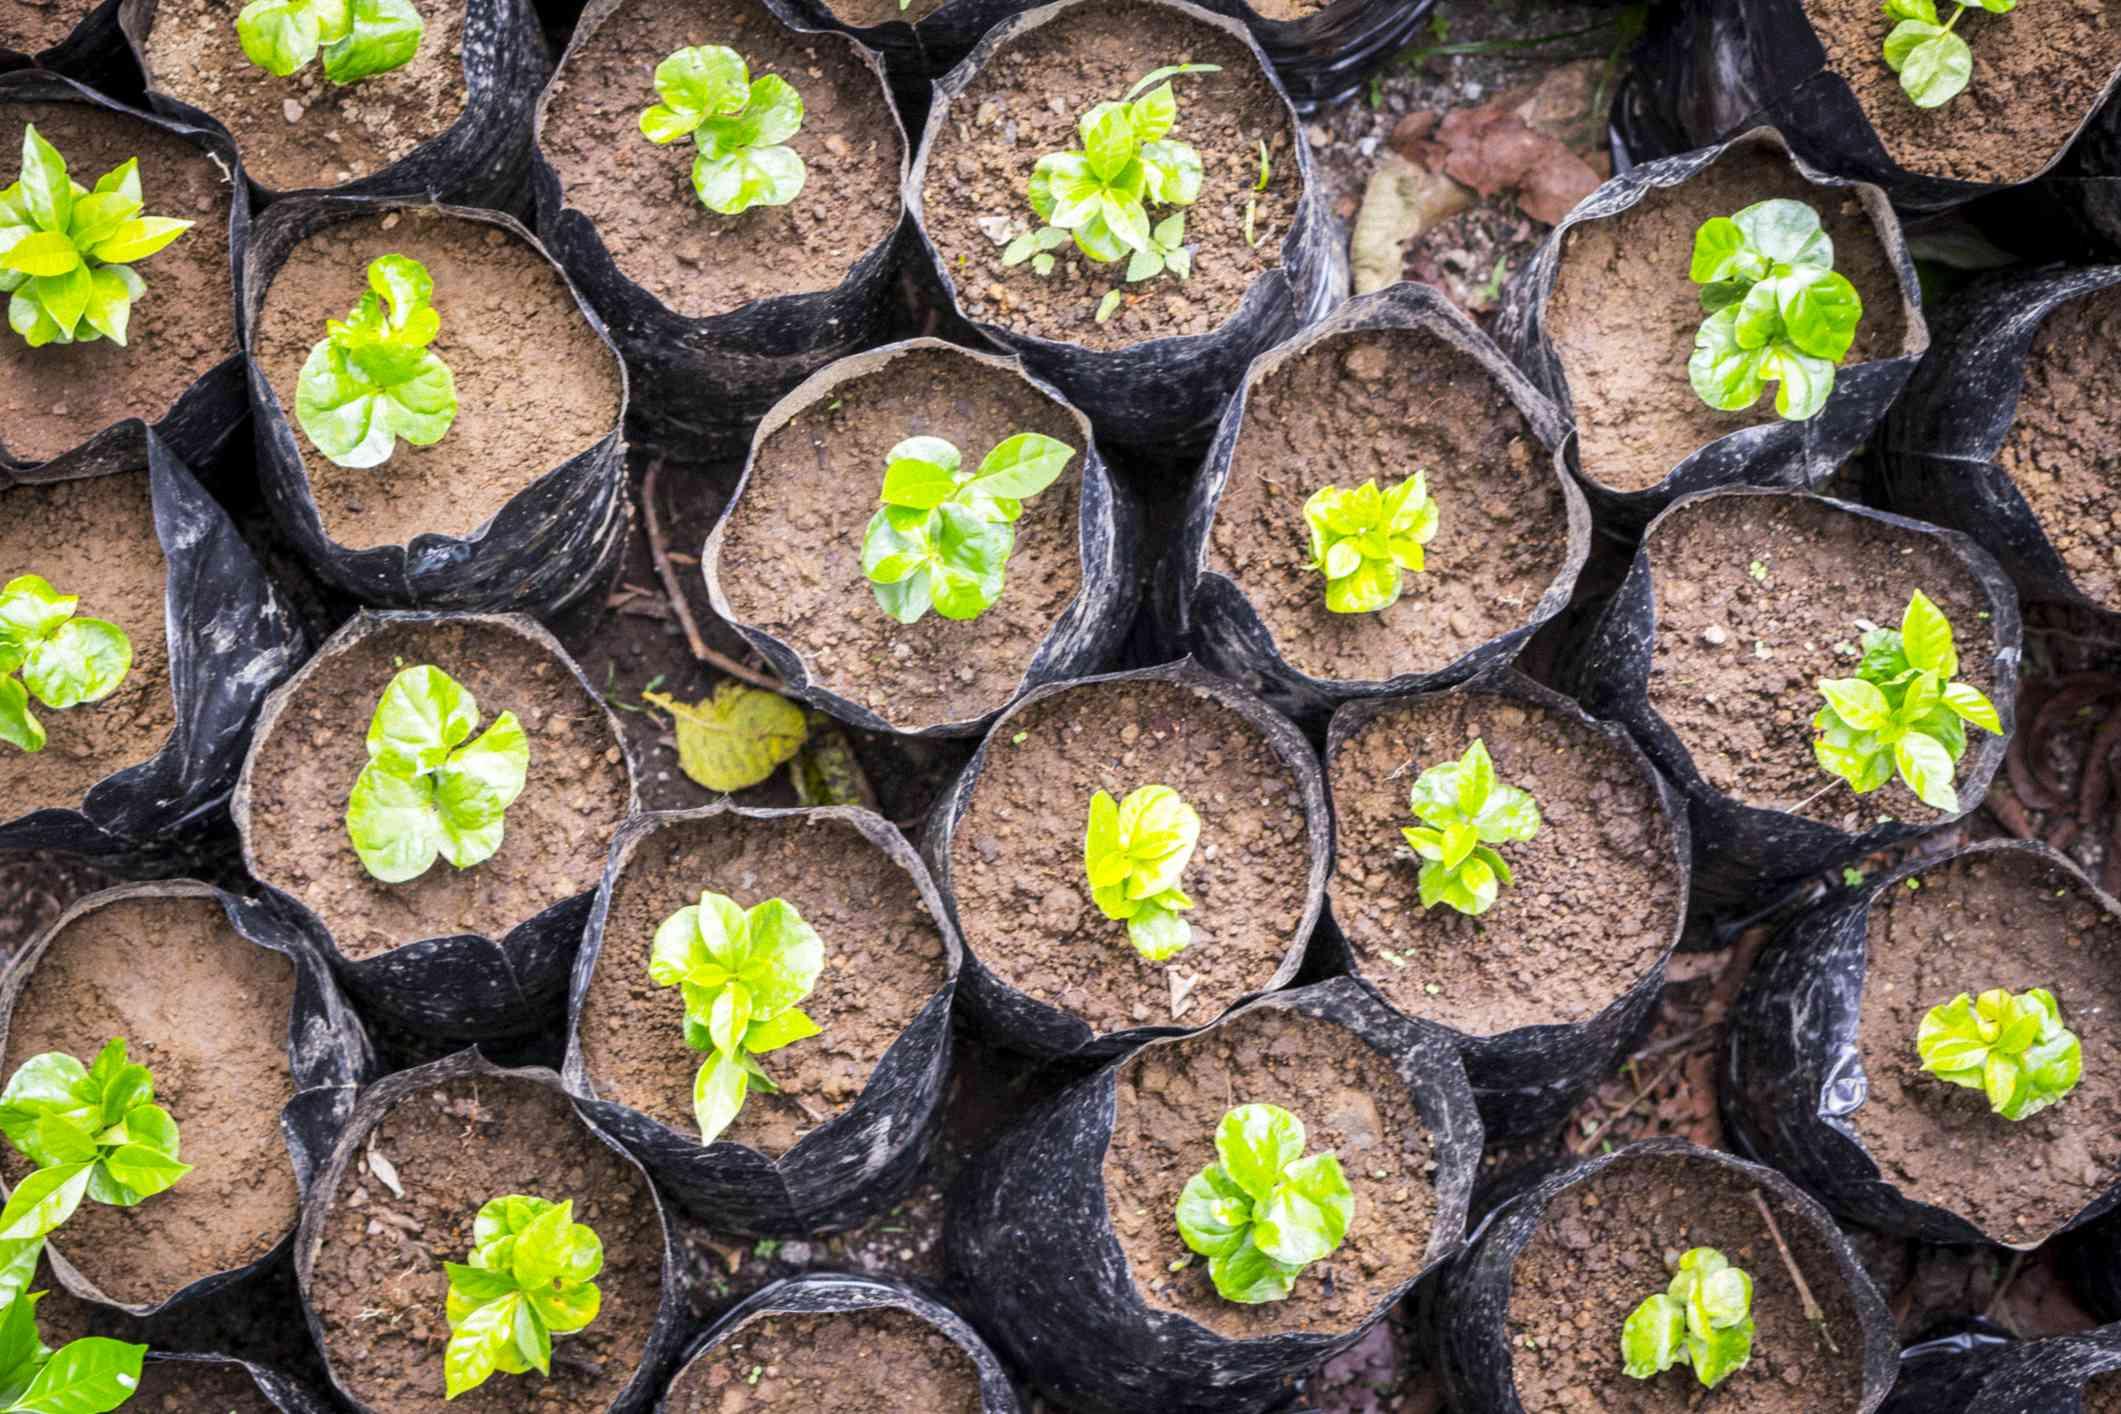 Small tree seedlings in black wrap growing.